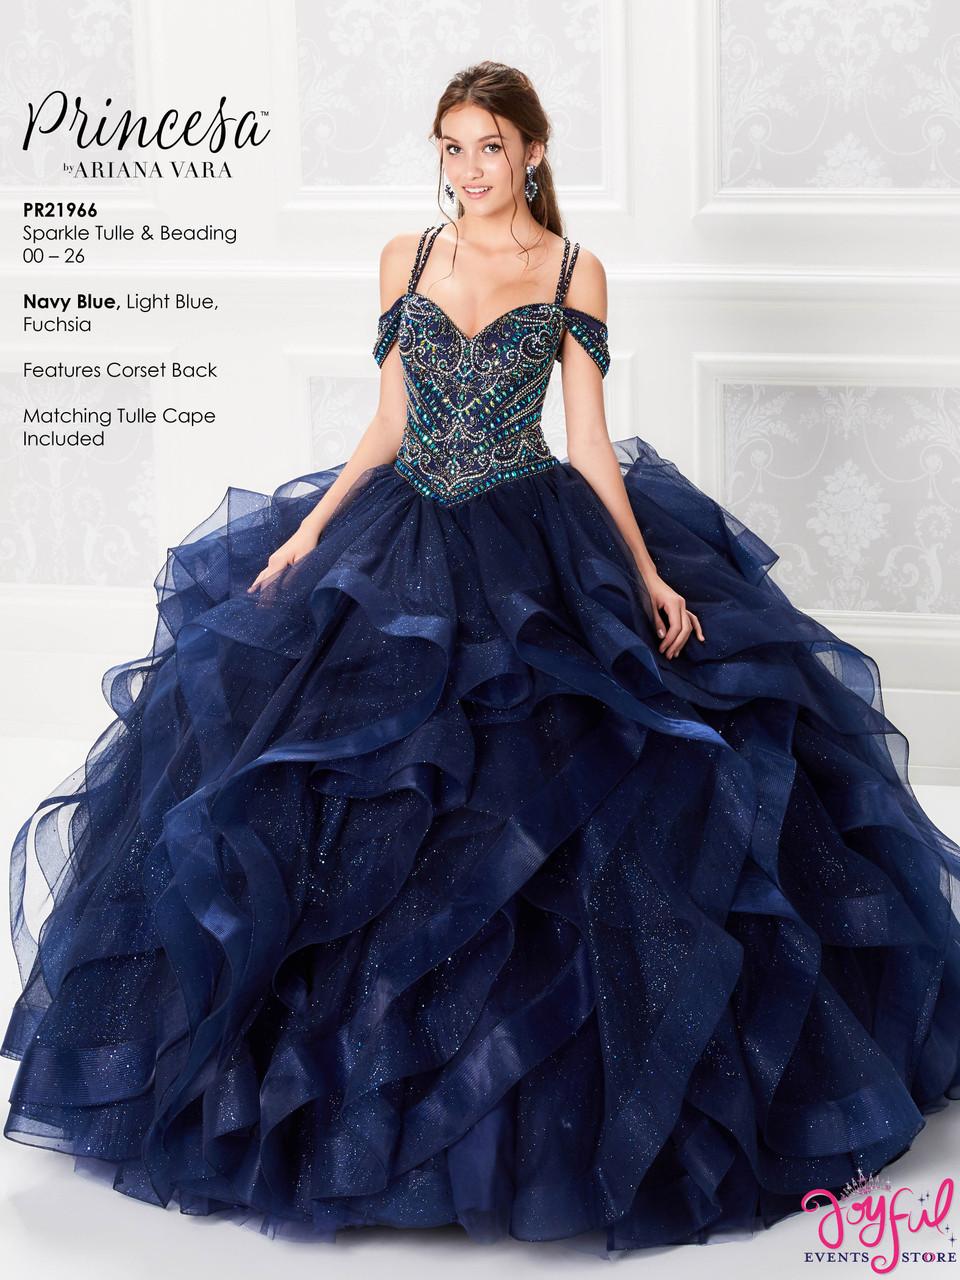 Navy Blue Quinceanera Dress PR21966NV